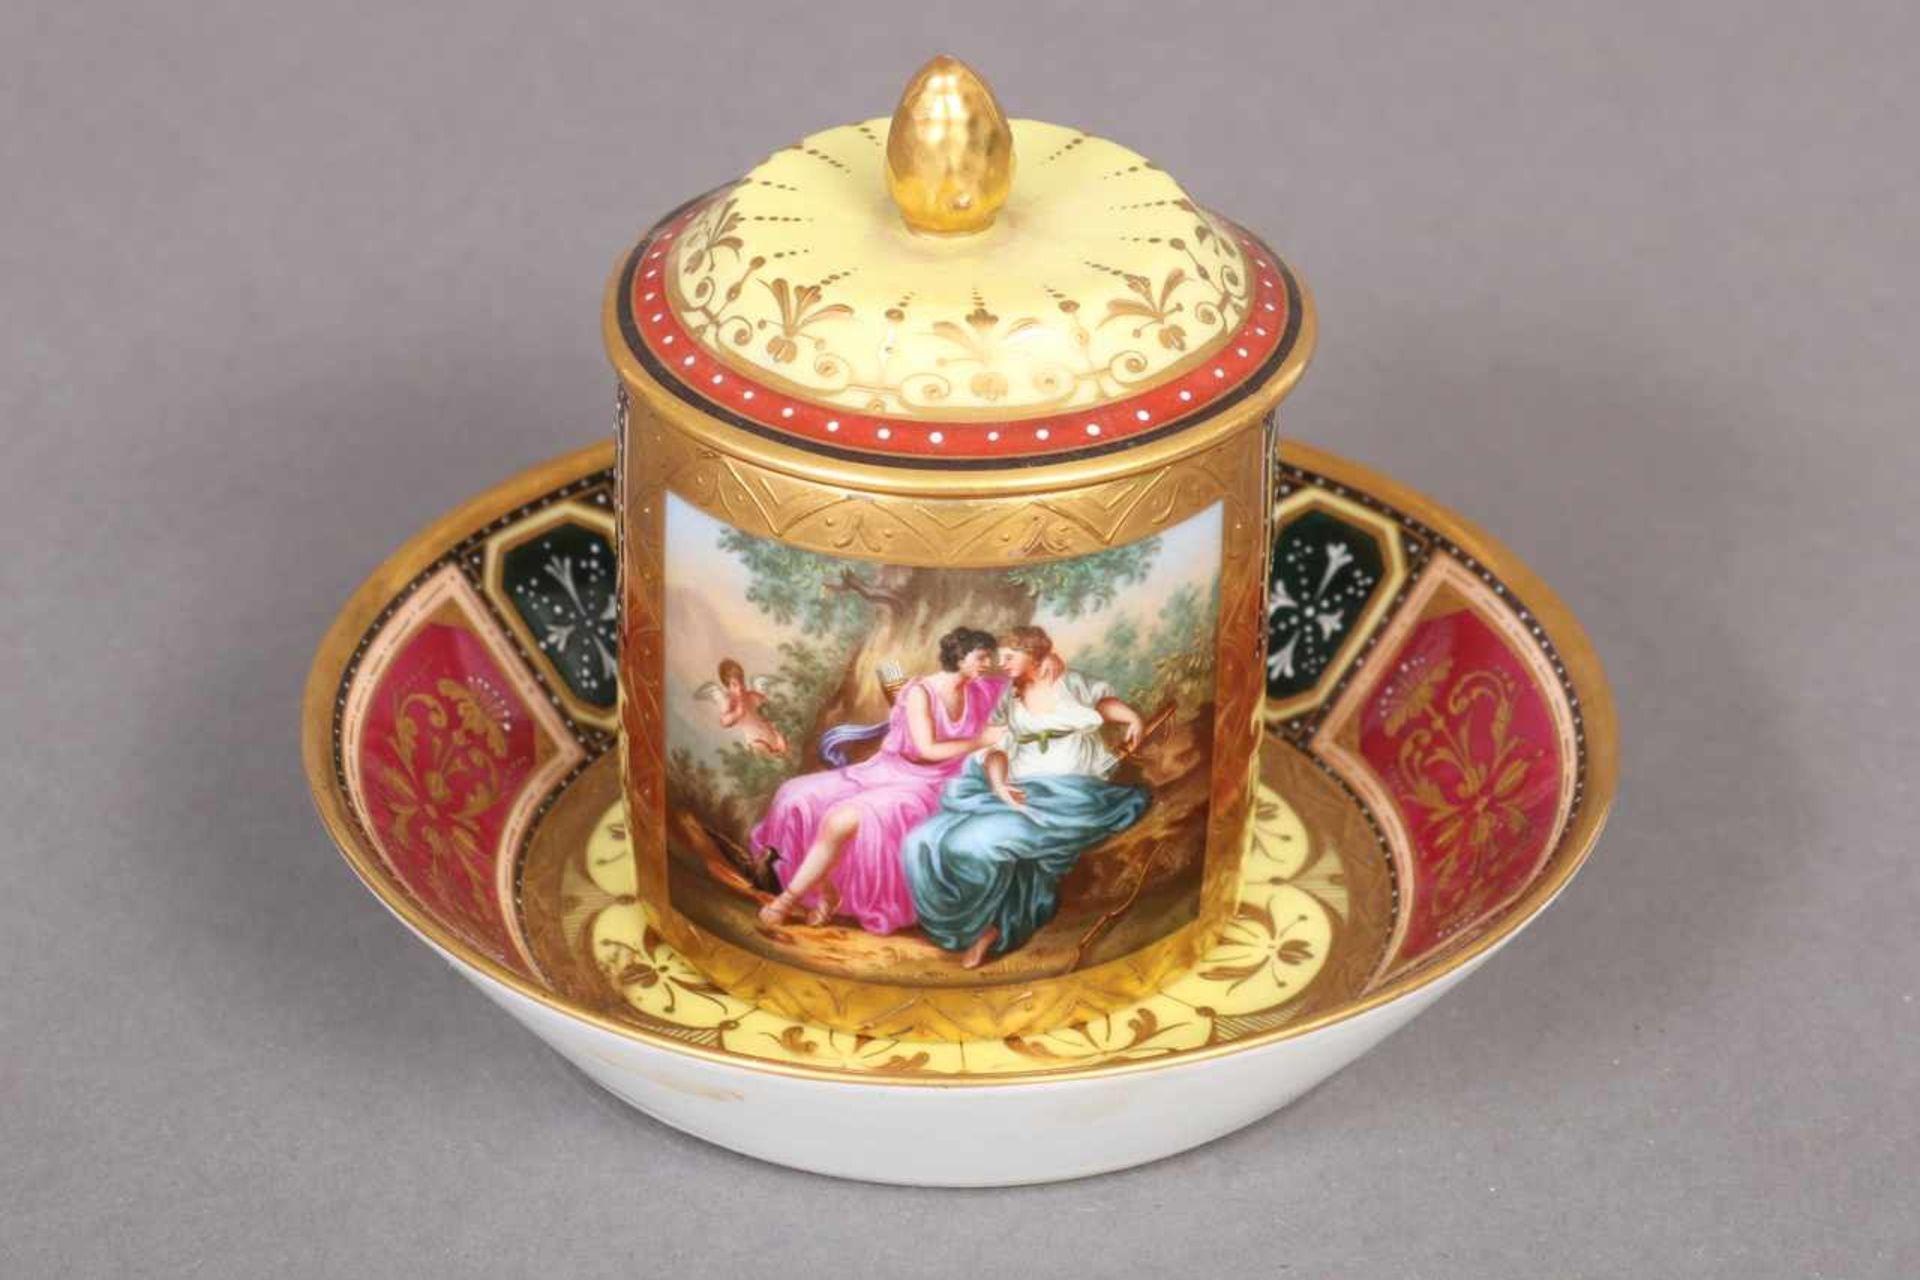 Los 17 - Zierdeckeltasse mit Untertasse im Wiener Stil um 1900, zylindrischer Korpus mit gekantetem Henkel,